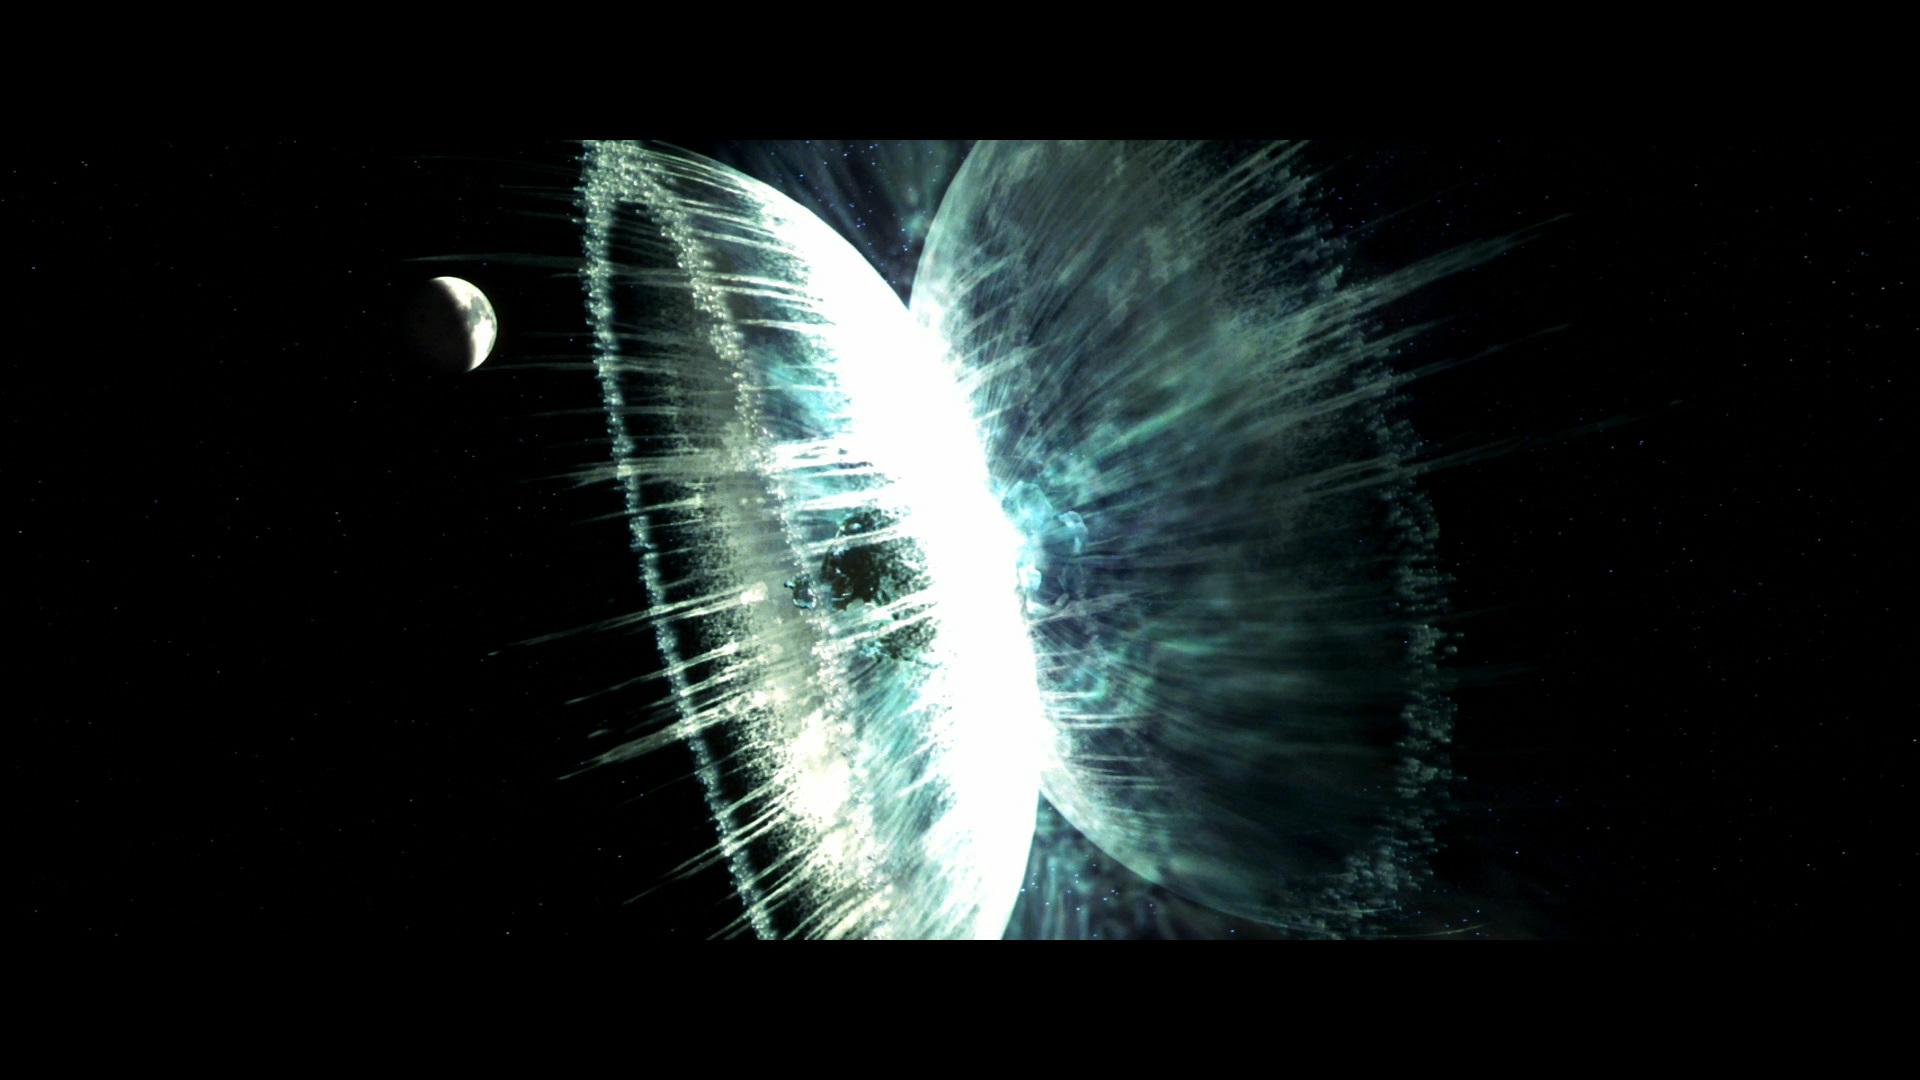 Imatge del film Armageddon, interpretació visual de l'explosió atòmica provocada de l'asteroide que salva el planeta Terra de la seva destrucció.